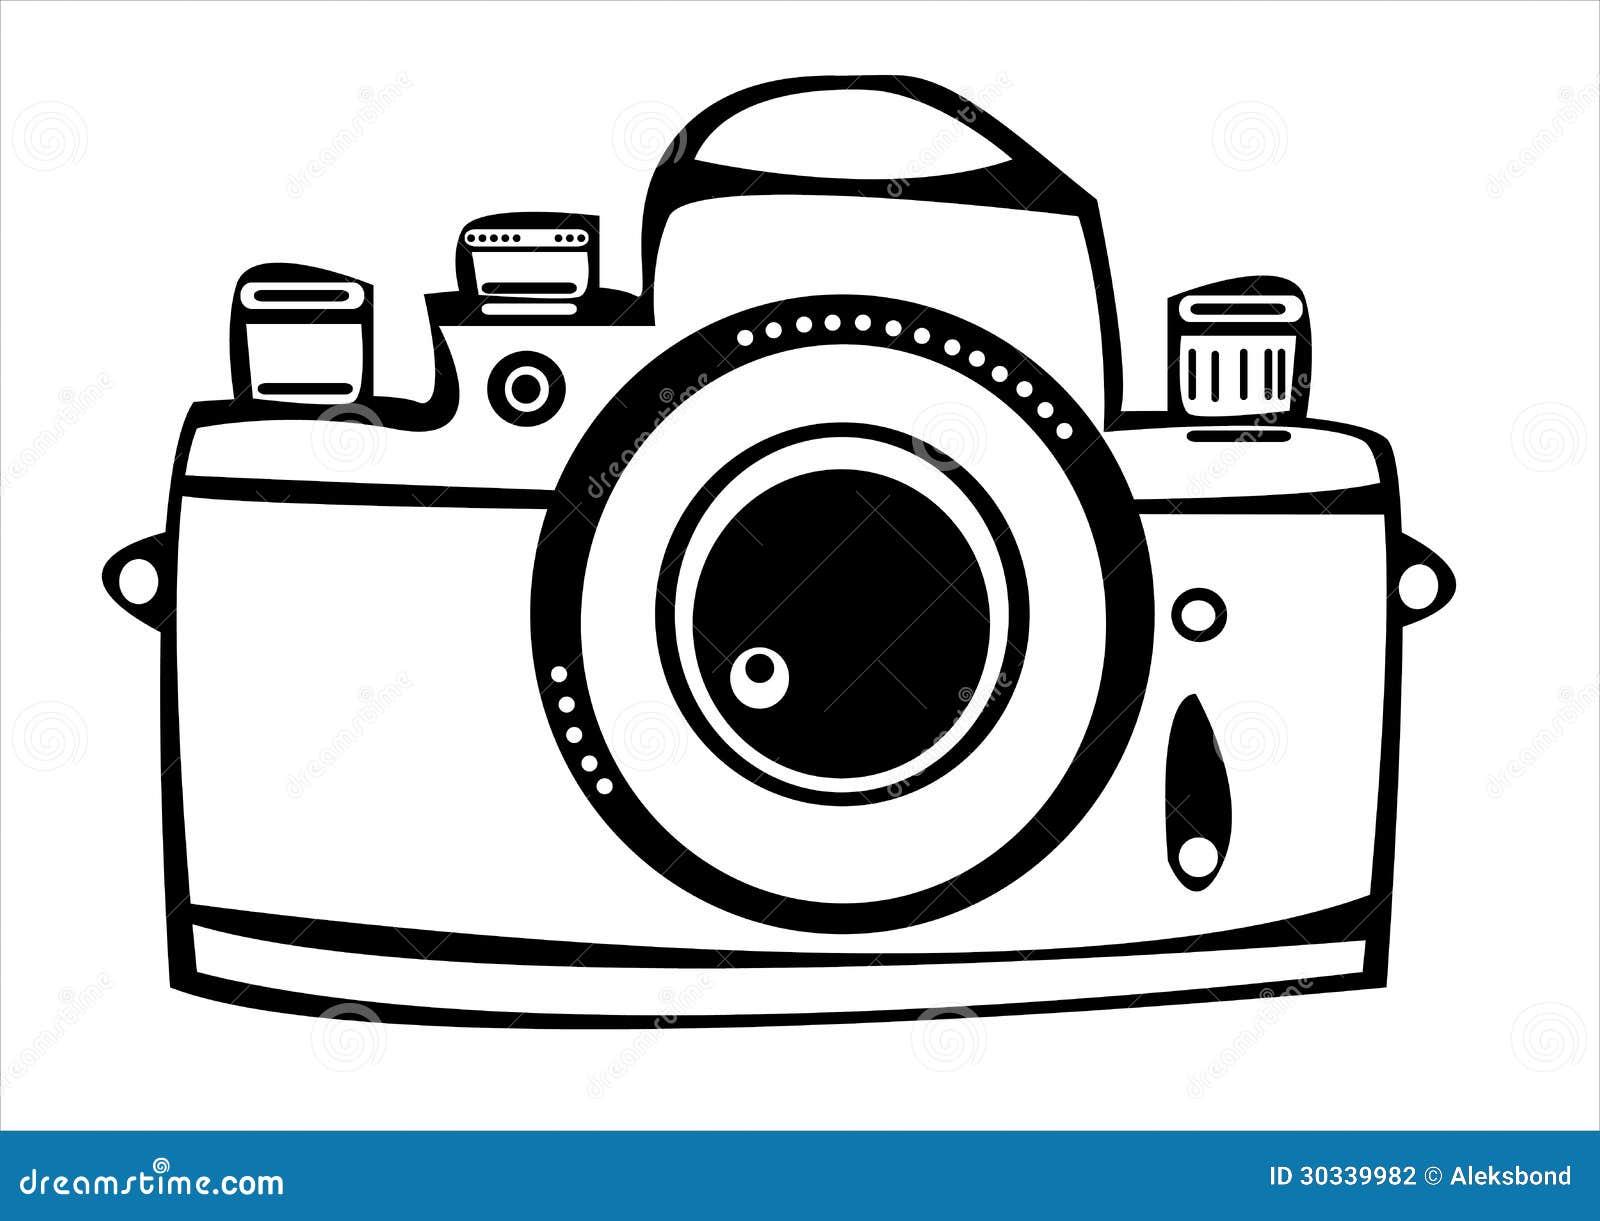 Подскажите фотоаппарат для черно-белых фотографии. : Форум 52